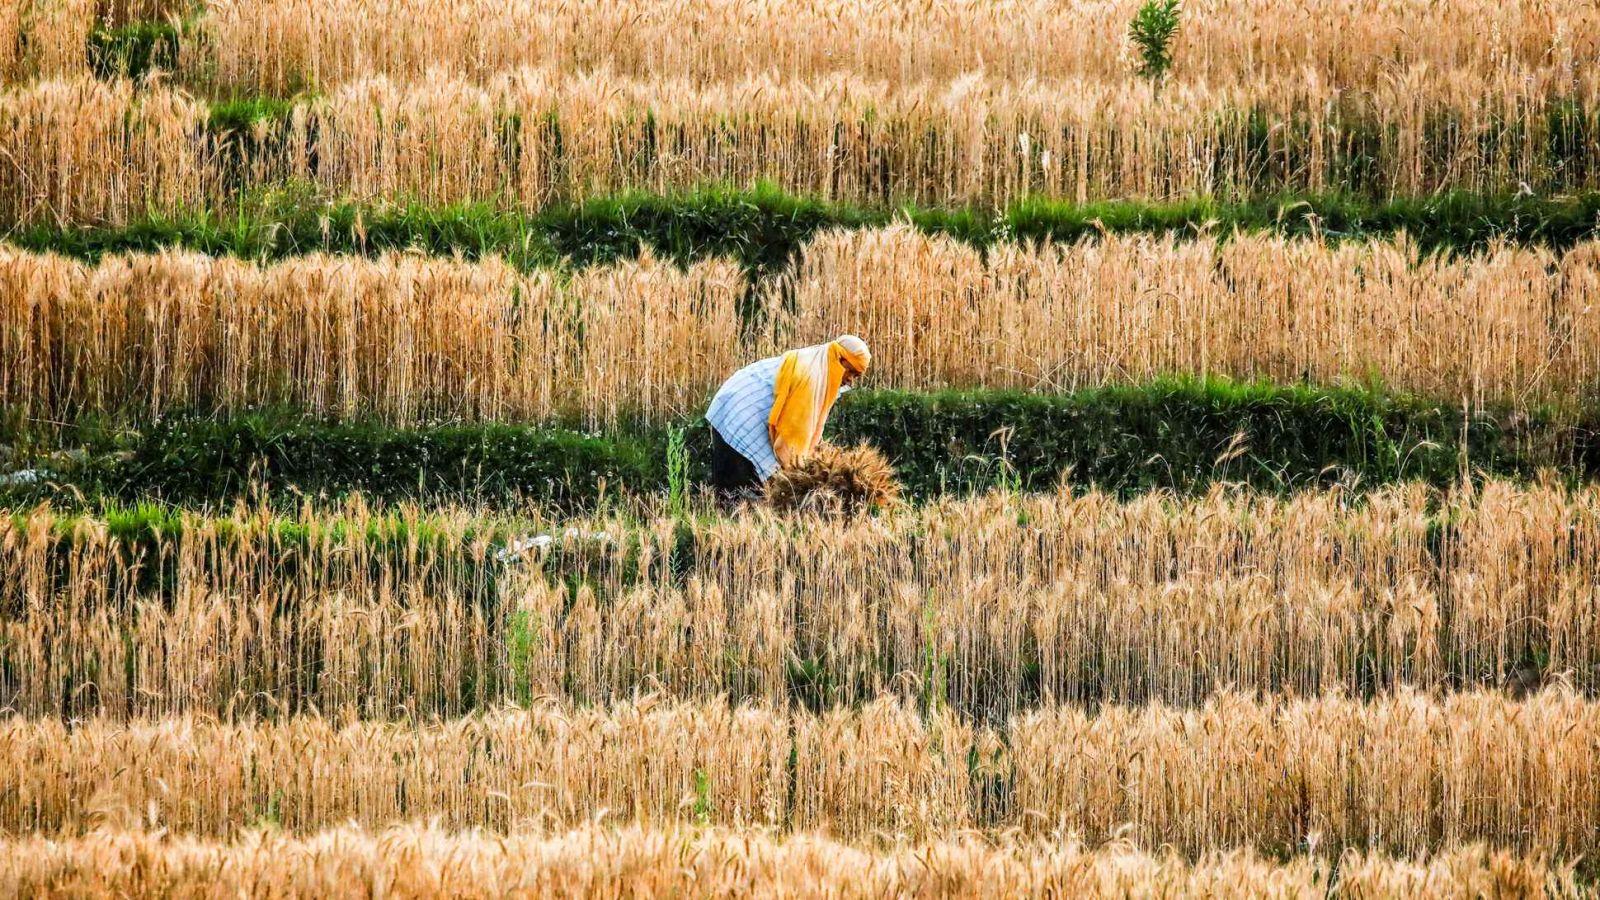 Chỉ số giá thực phẩm chuẩn do Tổ chức Nông lương Liên hợp quốc công bố, theo dõi giá thịt, sữa, ngũ cốc, dầu thực vật và đường, đã đạt mức cao nhất trong gần 10 năm. © Reuters